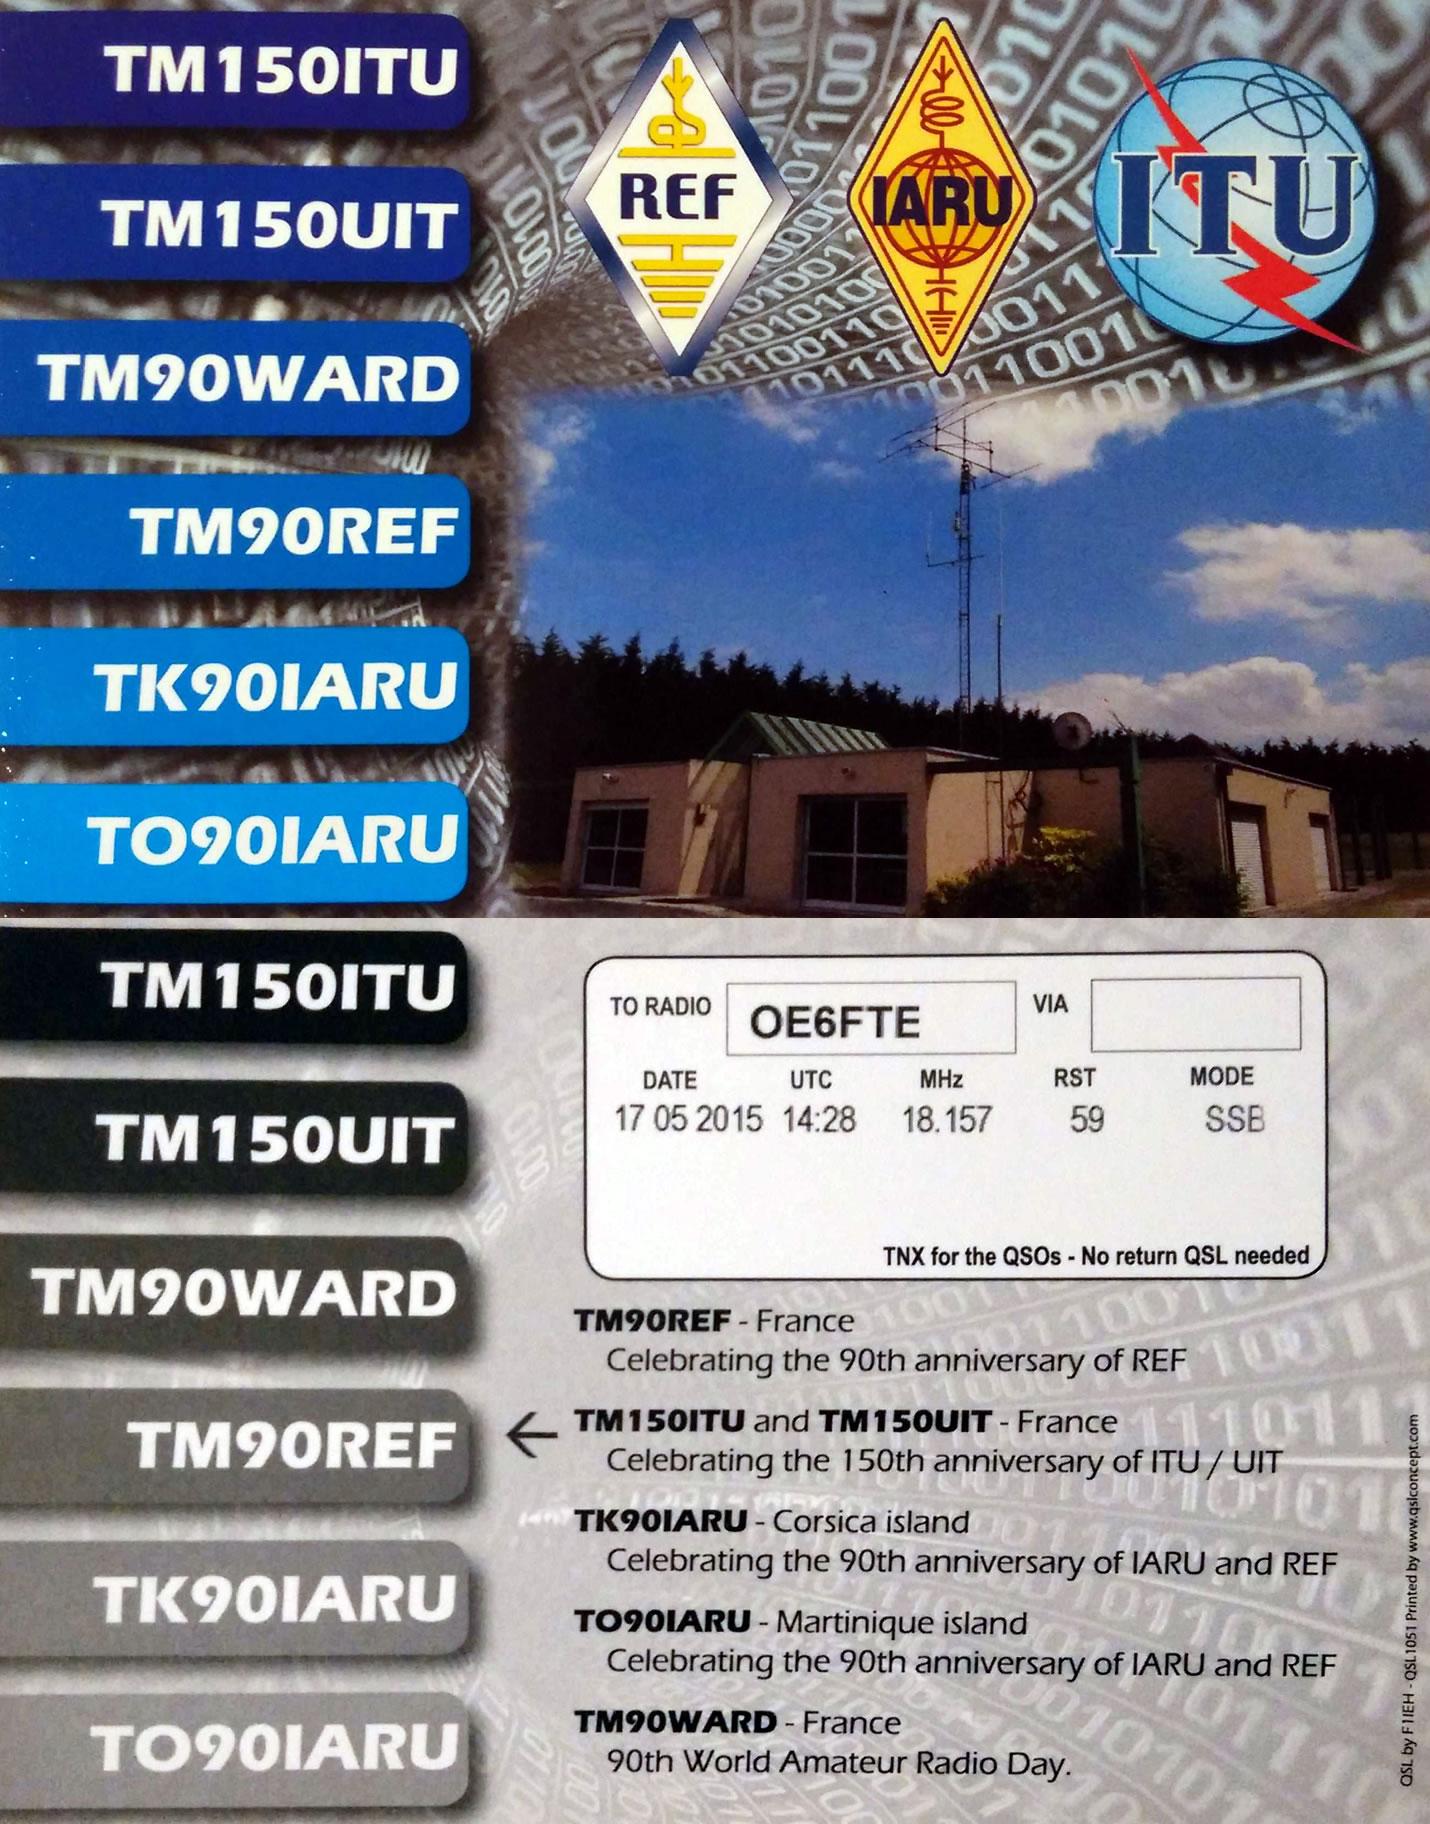 TM90REF